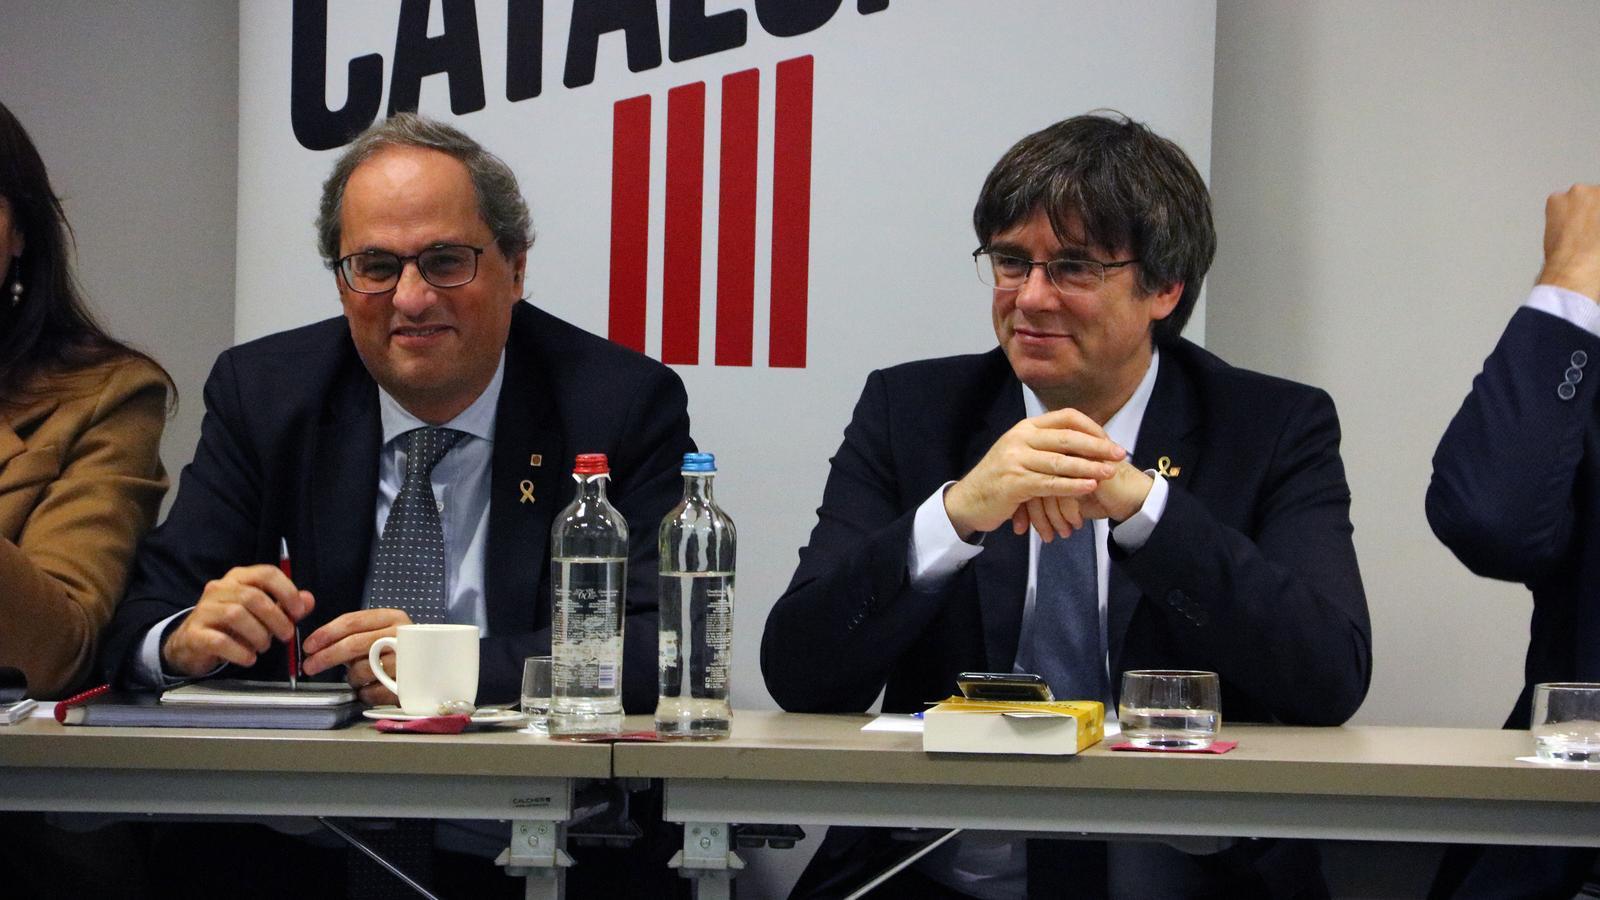 JxCat s'obre a presentar Puigdemont a unes eleccions catalanes si el TJUE li reconeix la immunitat